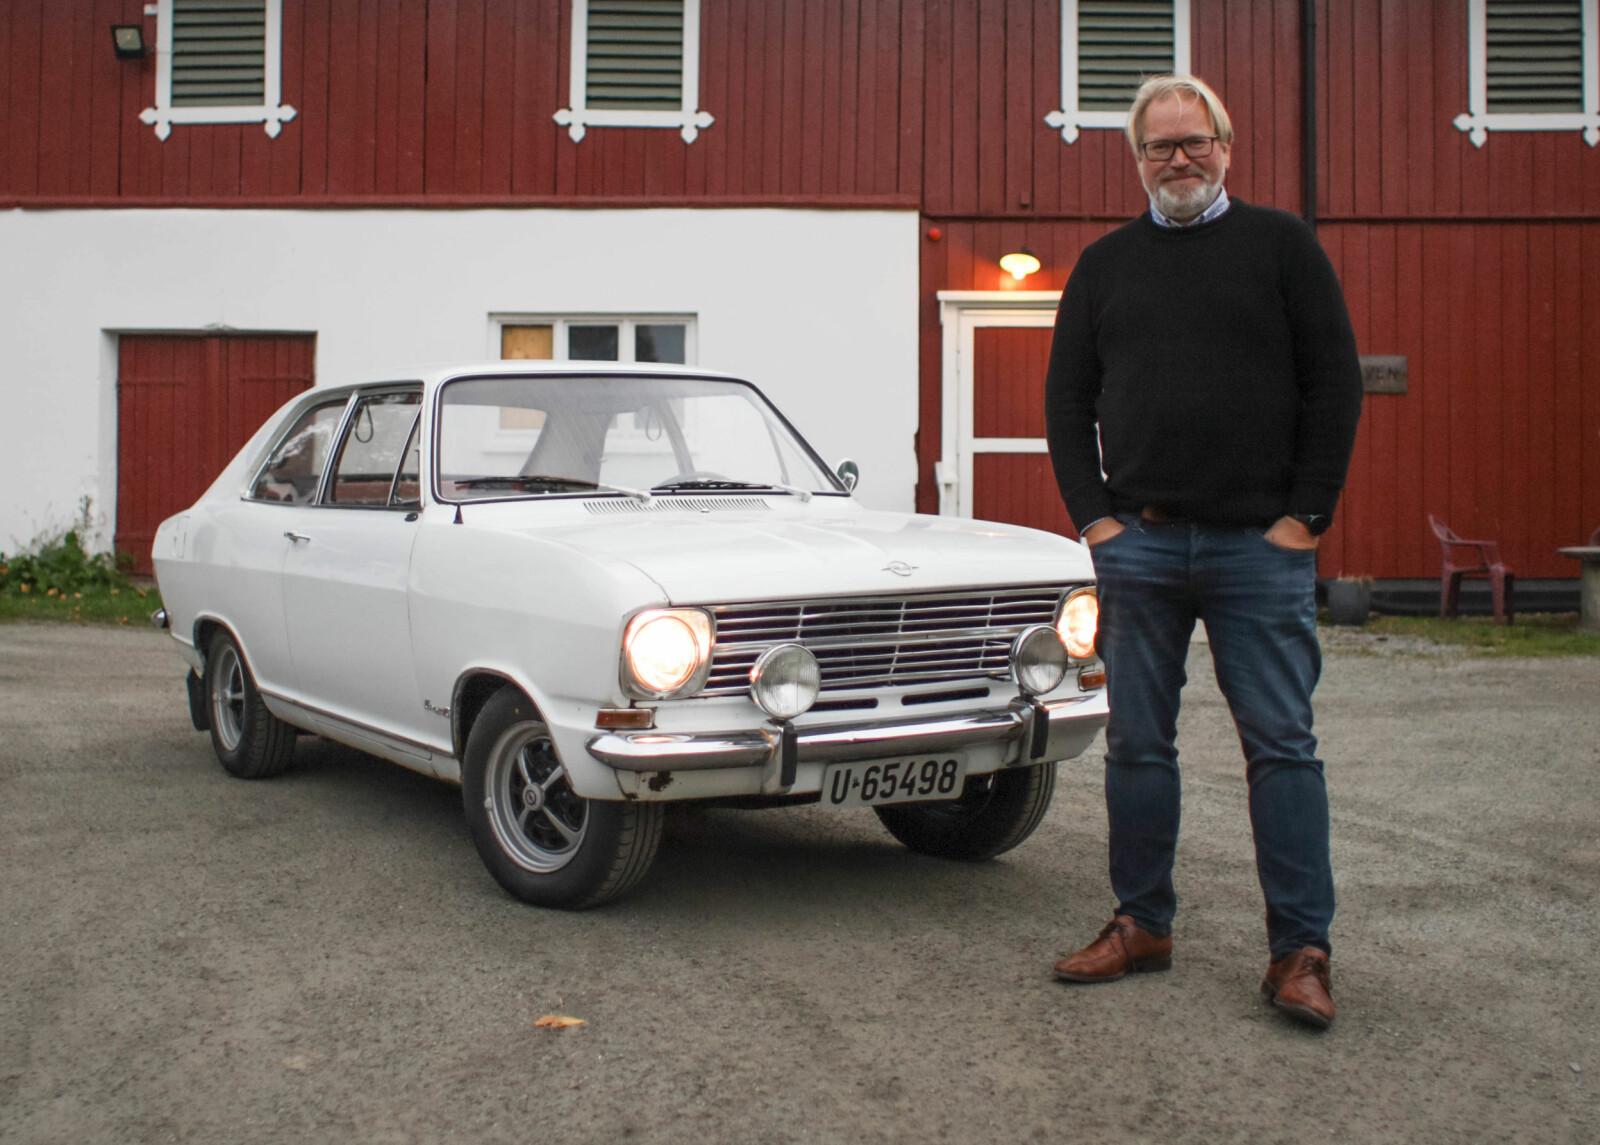 <b>OPEL ALLTID, UANSETT:</b> Stein Pettersen har vokst opp med Opel, lever med Opel og jobber med Opel. Opels PR- og informasjonssjef ruser rundt i sin Kadett Fastback når han ikke er på jobb hos importøren Bertel O. Steen i Lørenskog.